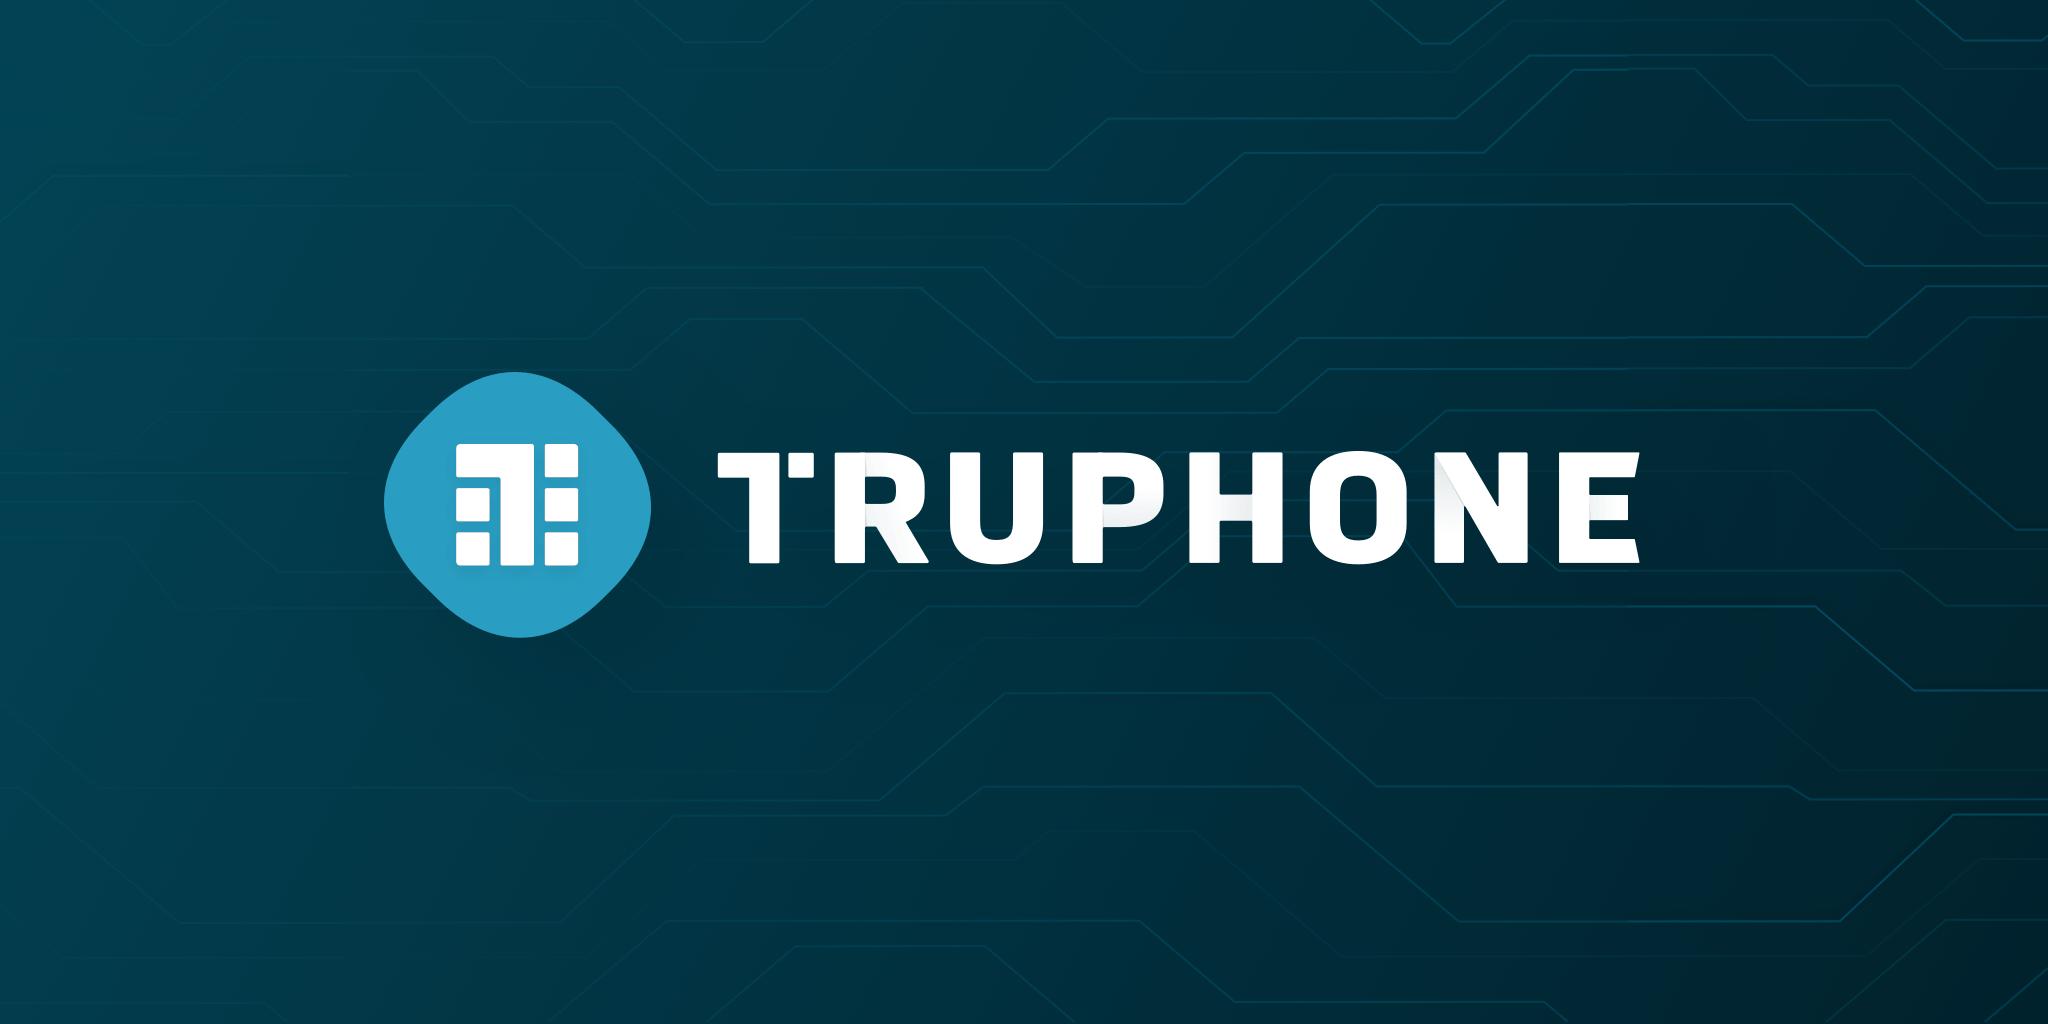 苹果 eSIM 服务供应商、英国网络电话初创公司 Truphone 获得 3000 万英镑融资